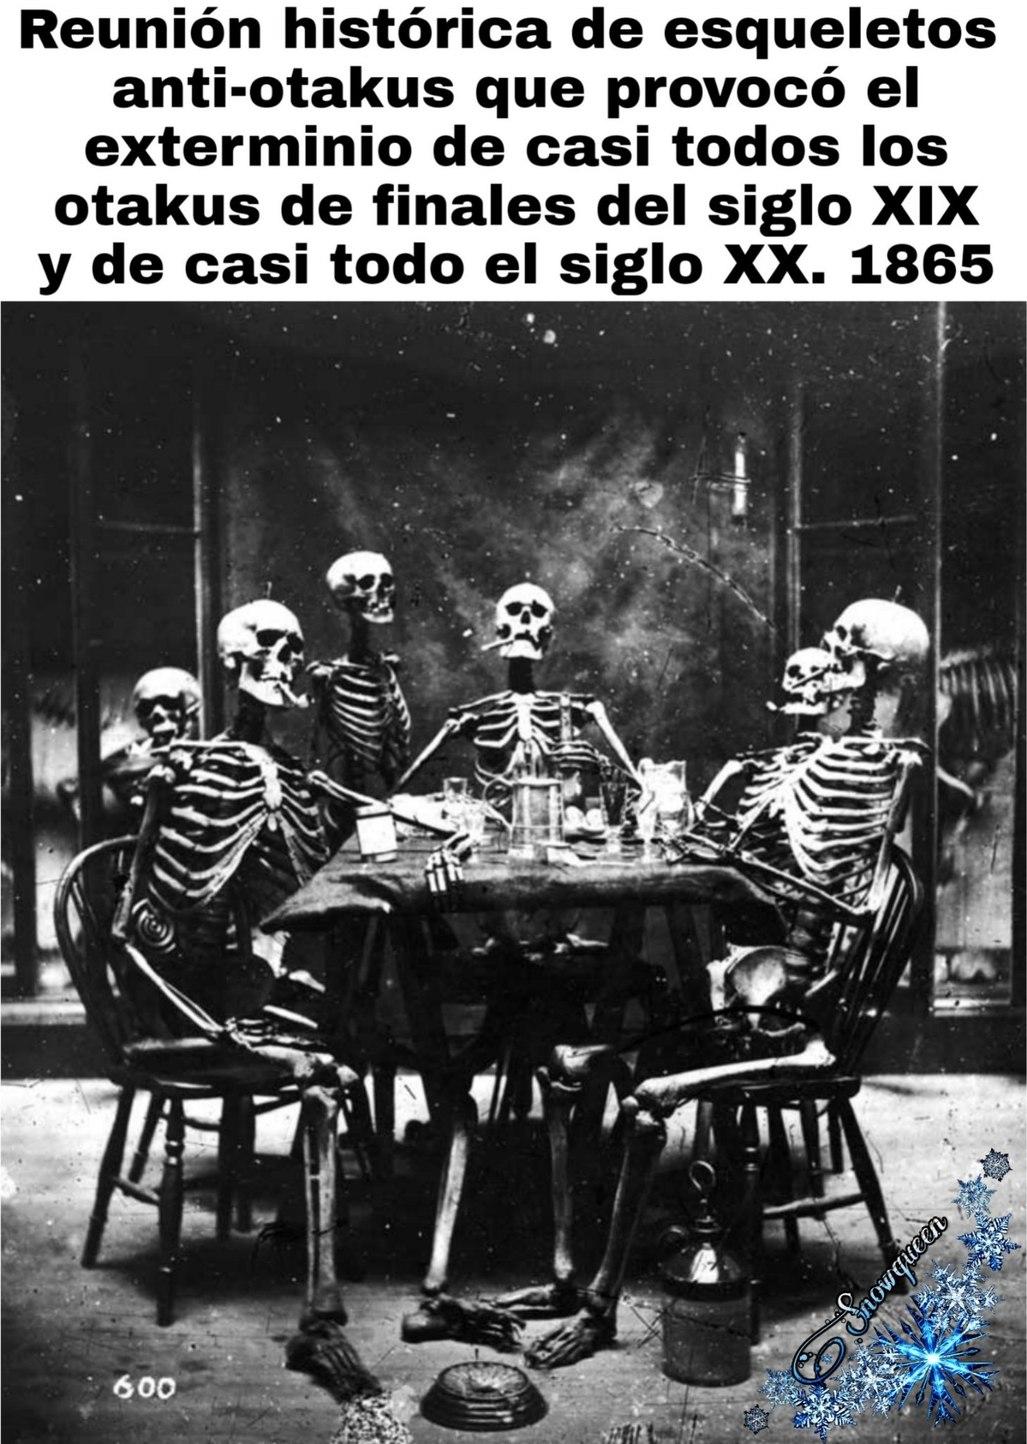 Esqueleto anti-otakus - meme